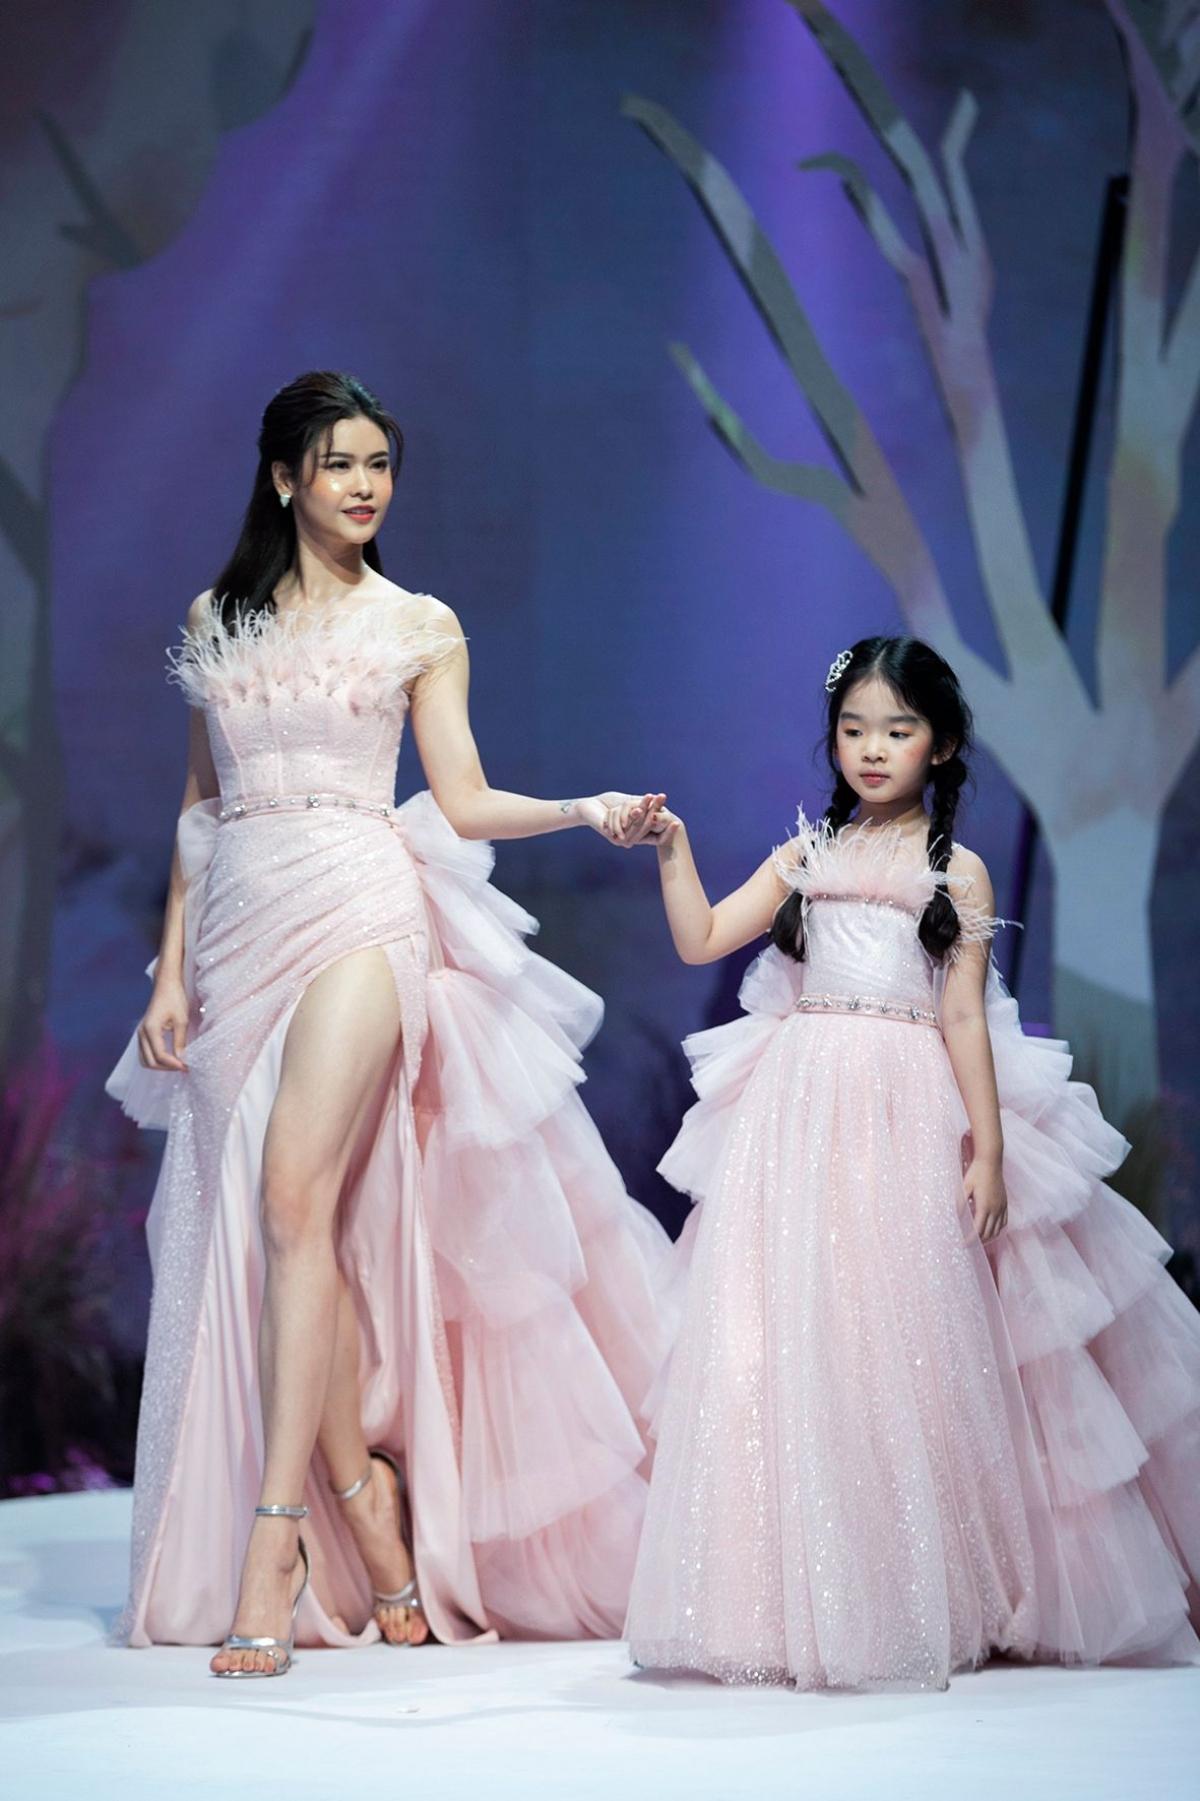 """Thương hiệu Joli Doll mang BST """"Magic Dreams"""" đến với Vietnam Junior Fashion Week mùa 12 với những trang phục lộng lẫy, cầu kì, mang sắc màu cổ tích. Bộ sưu tập là giấc mơ của những bạn nhỏ được sống trong thế giới phép thuật, nơi các bạn có thể đắm mình trong những câu thần chú để tạo nên những điều đẹp đẽ."""